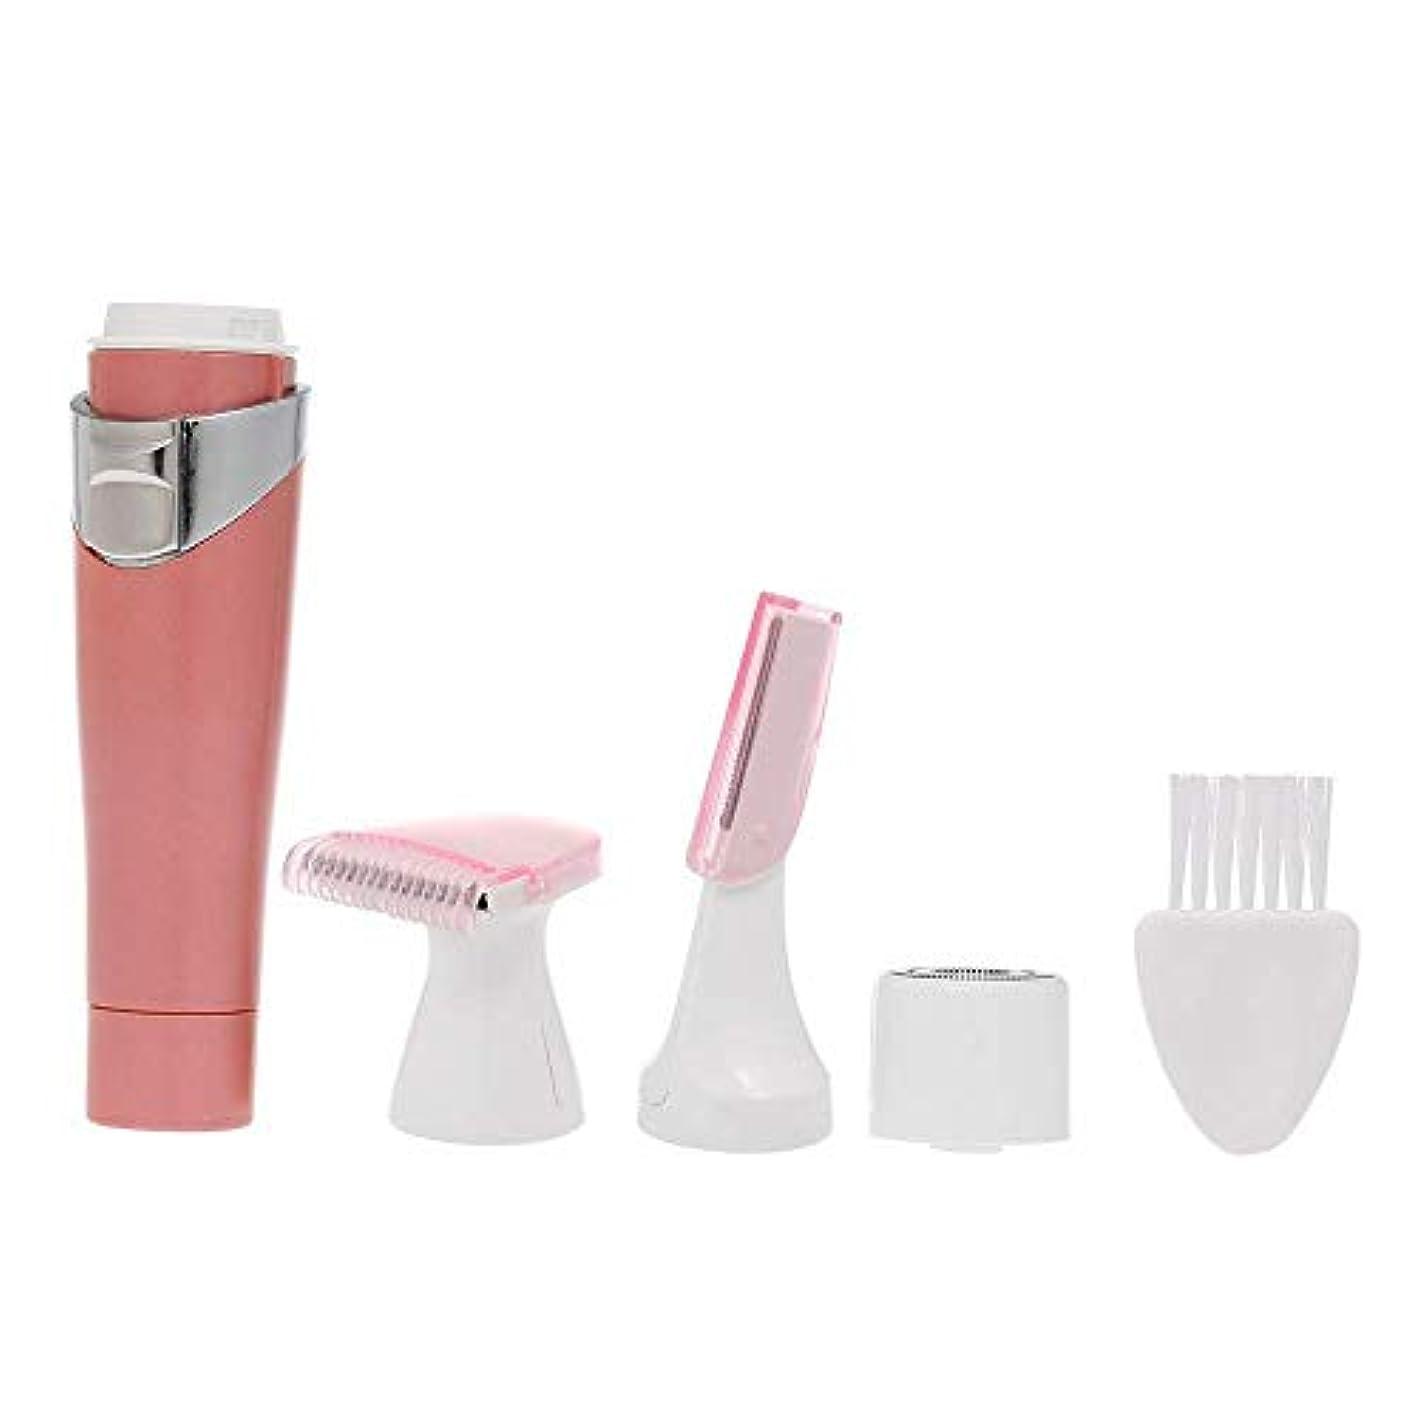 威信マイナス細分化する女性のための自分自身の顔の毛の除去、3に1眉毛トリマー、ボディシェーバー、クリーニングブラシ付き脱毛器を備えた1つの電気防水ポータブル無痛脱毛キット(脱毛器), Pink